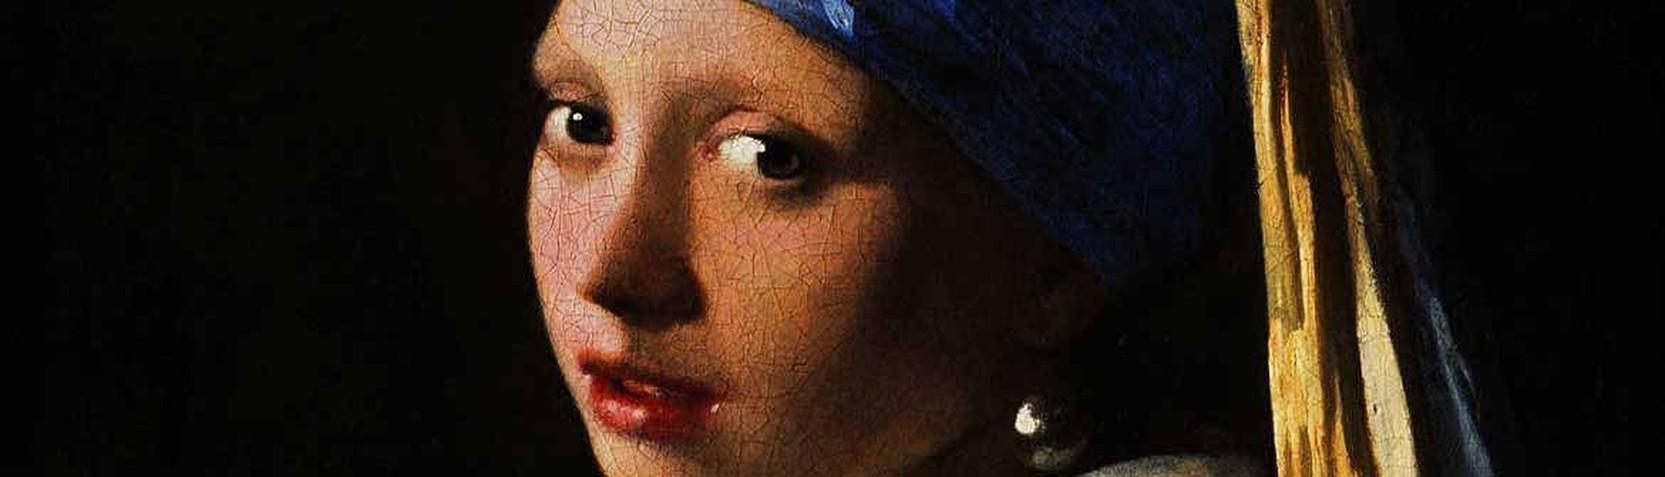 Artists - Jan Vermeer